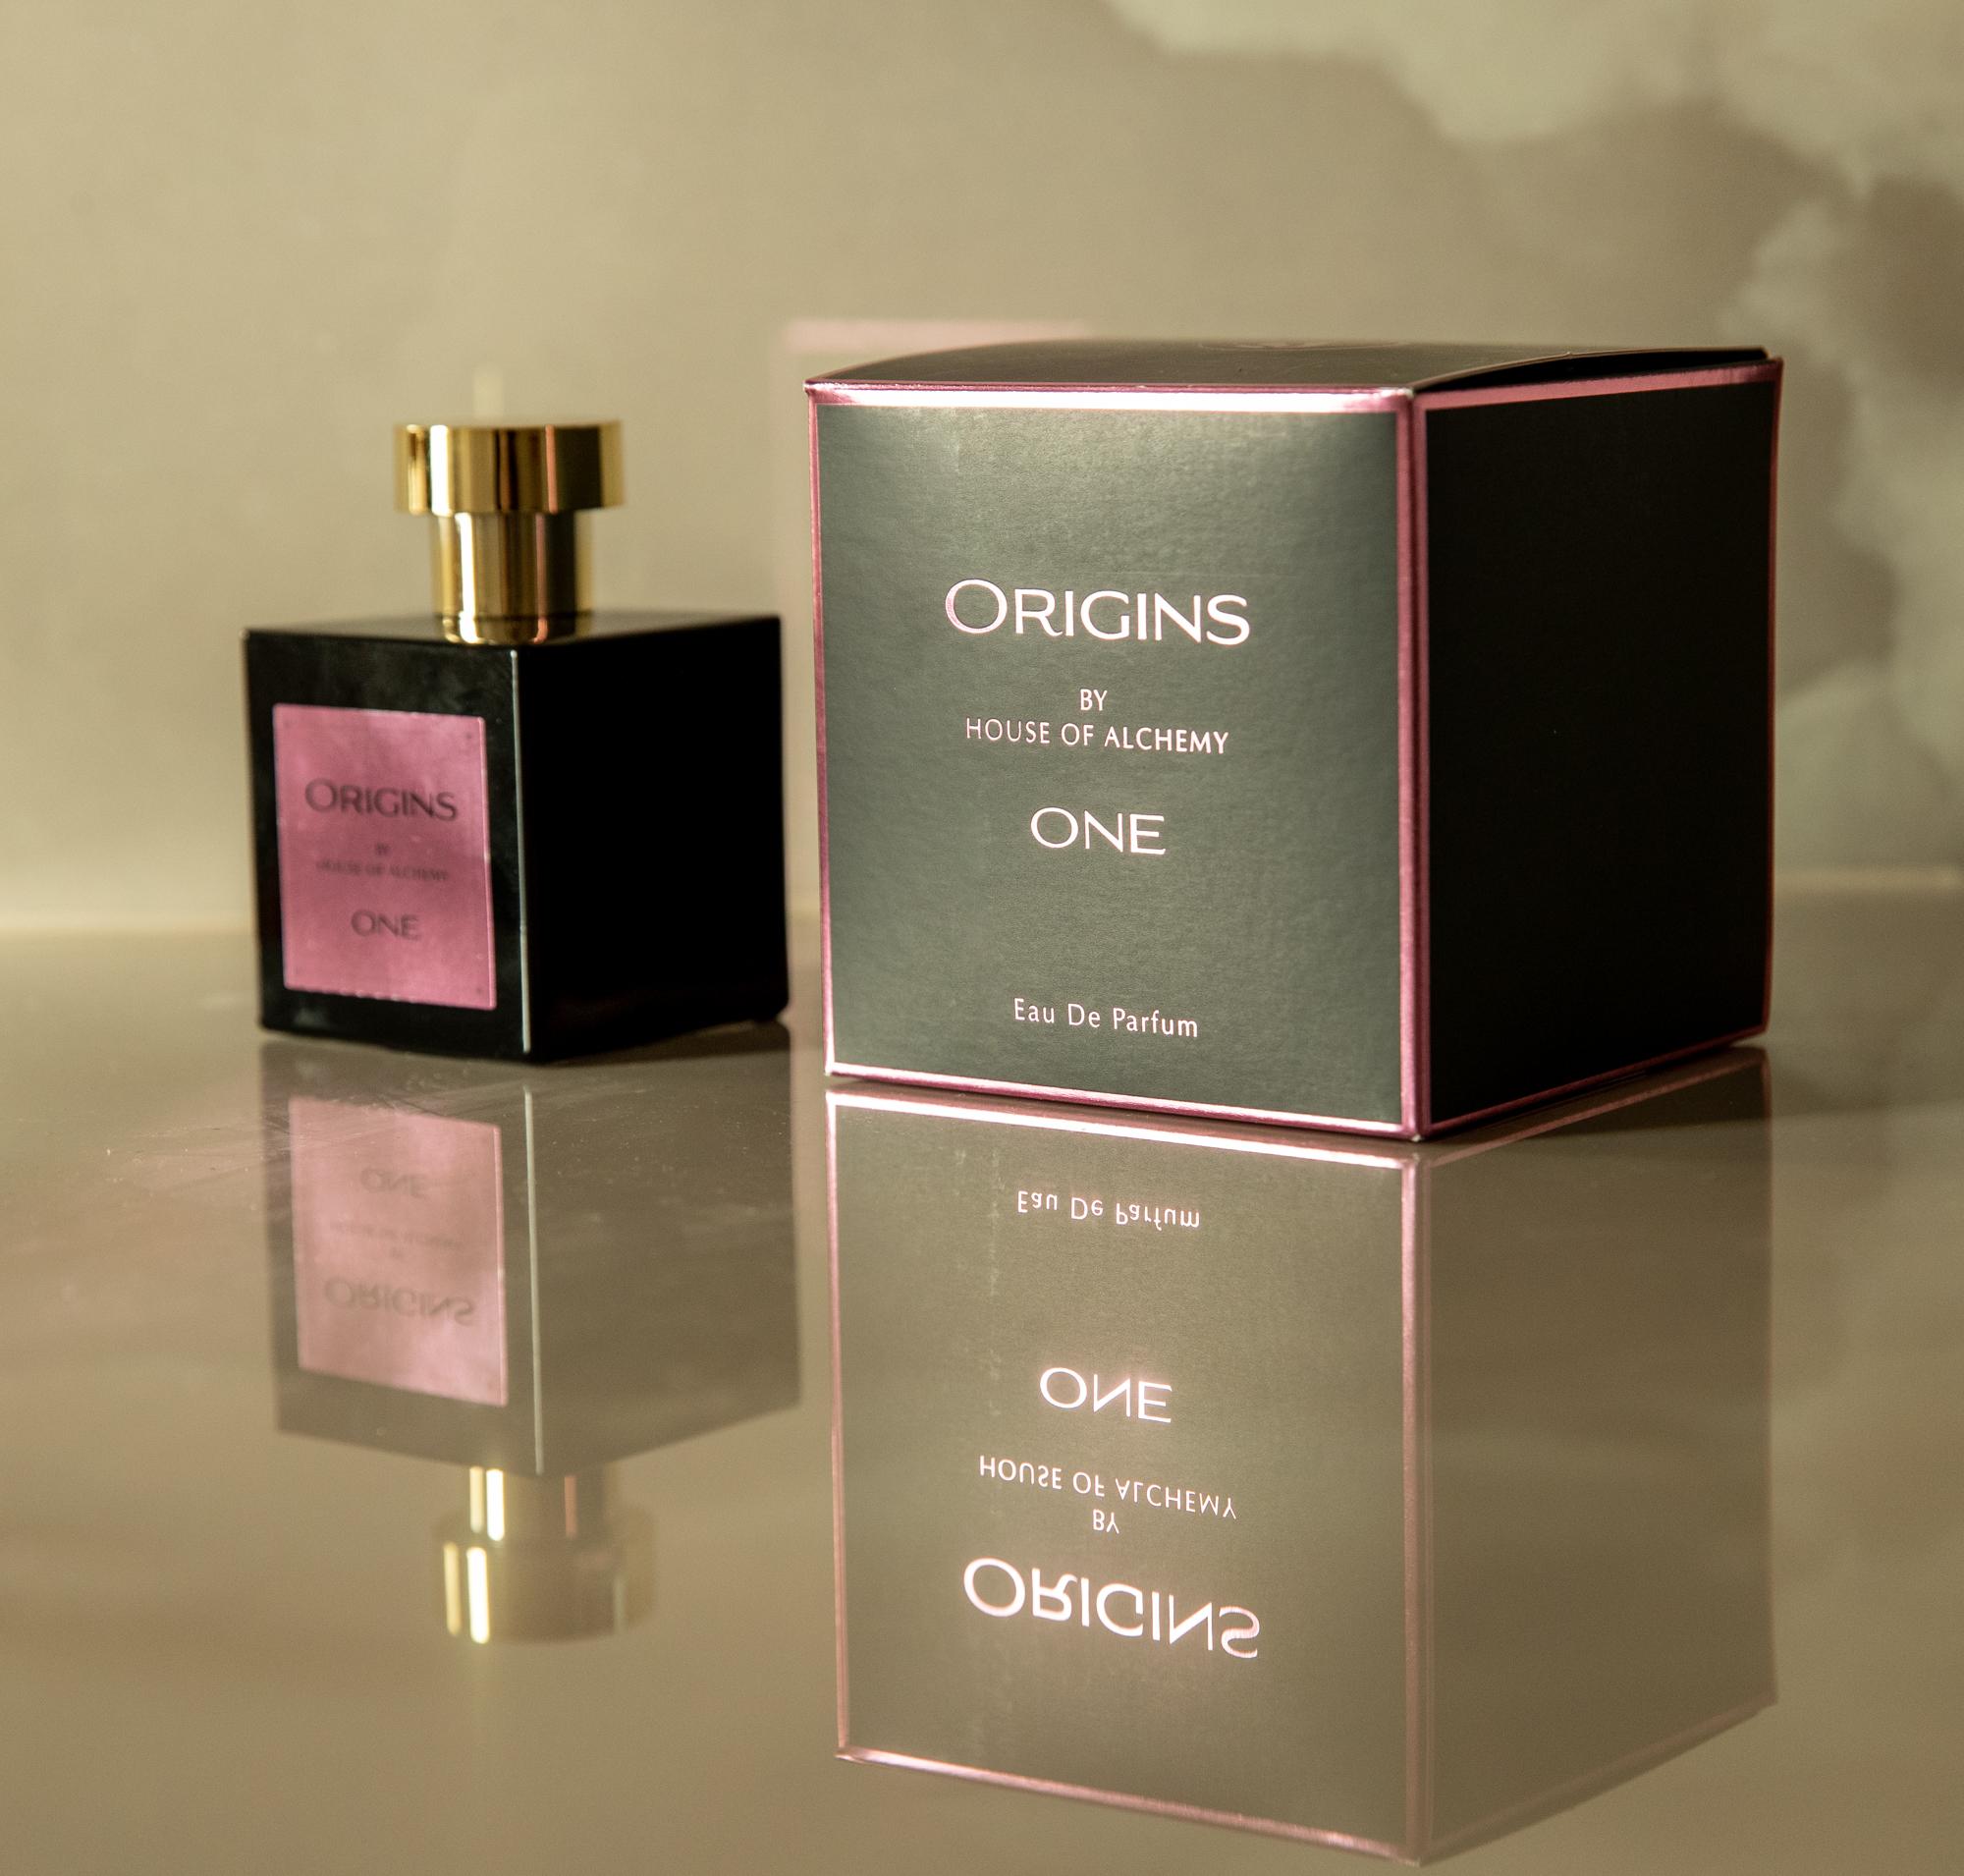 Origins One 100ml Eau De Parfum